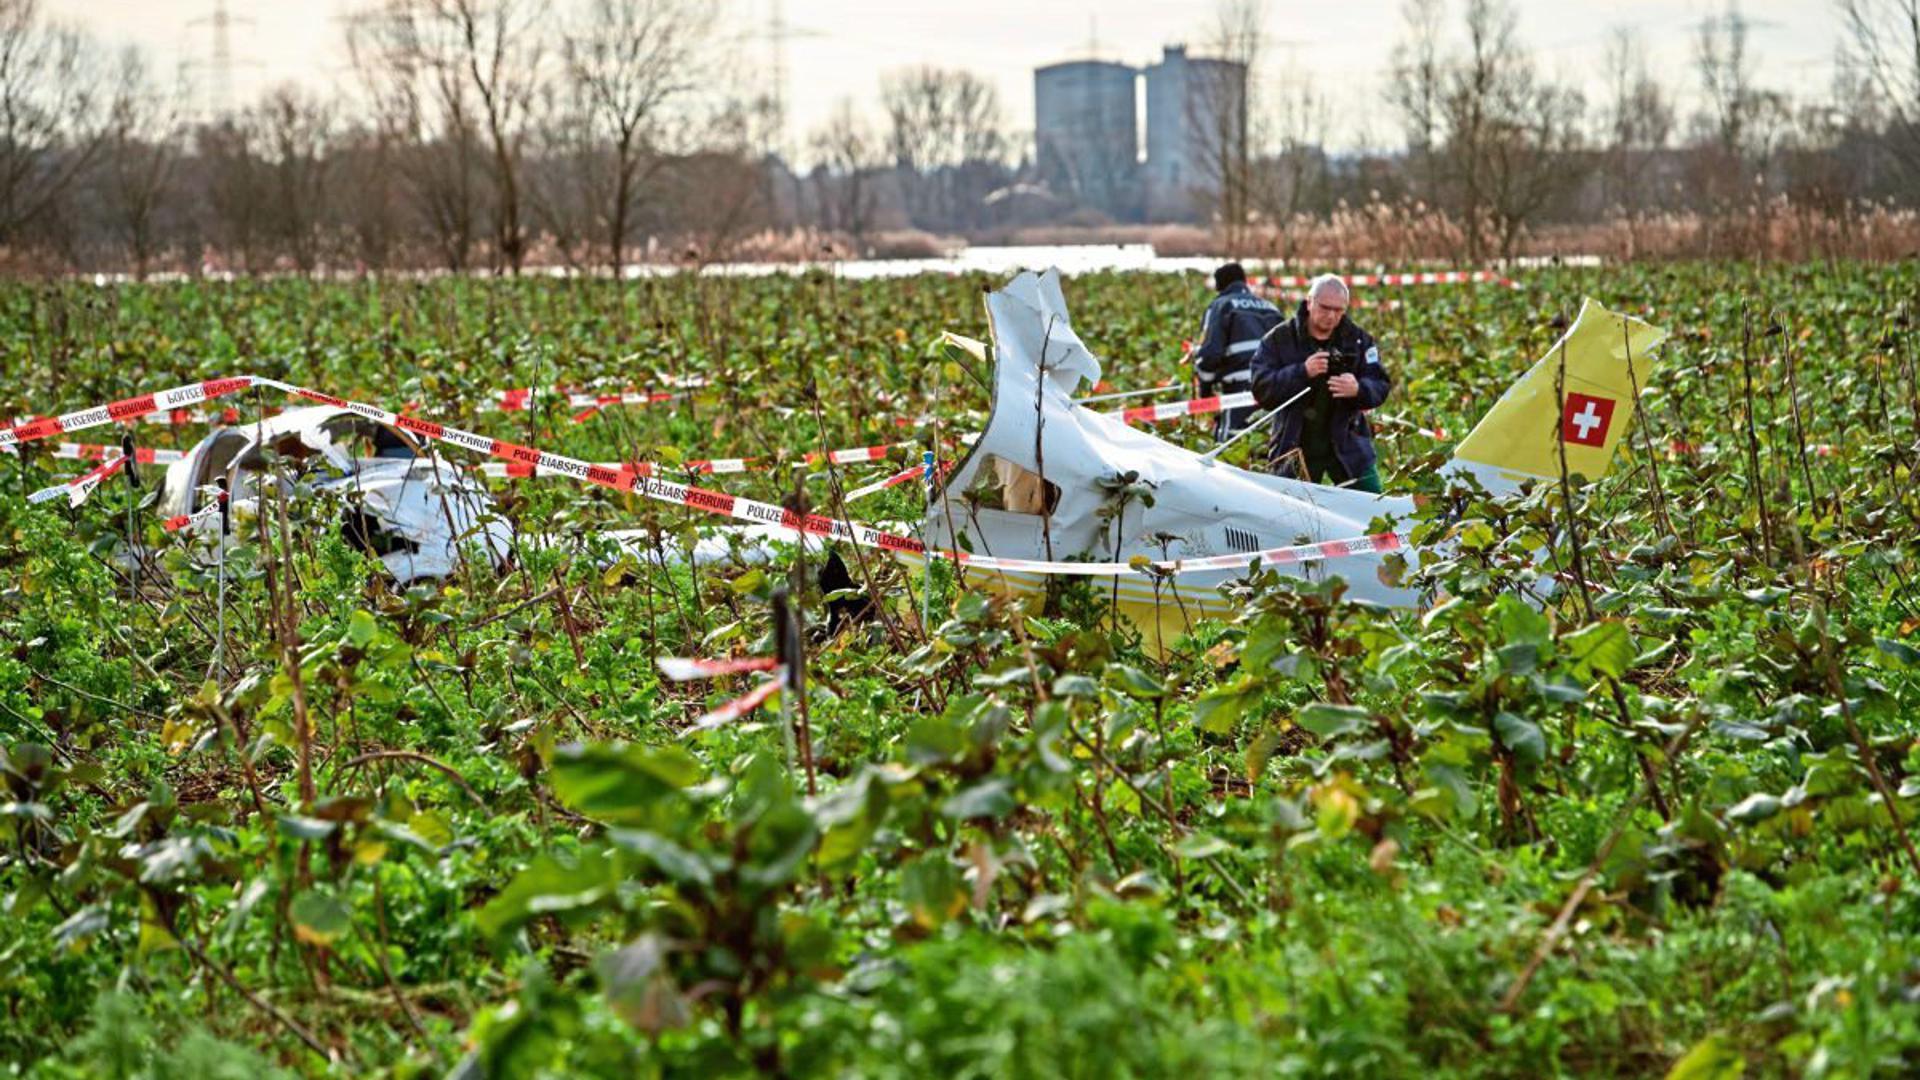 Der Erlichsee bei Oberhausen-Rheinhausen rückt 2018 in den Fokus der Öffentlichkeit. Dort stoßen in der Luft ein Hubschrauber und ein Kleinflugzeug zusammen, vier Menschen sterben. Die Unglücksursache ist bislang nicht geklärt.